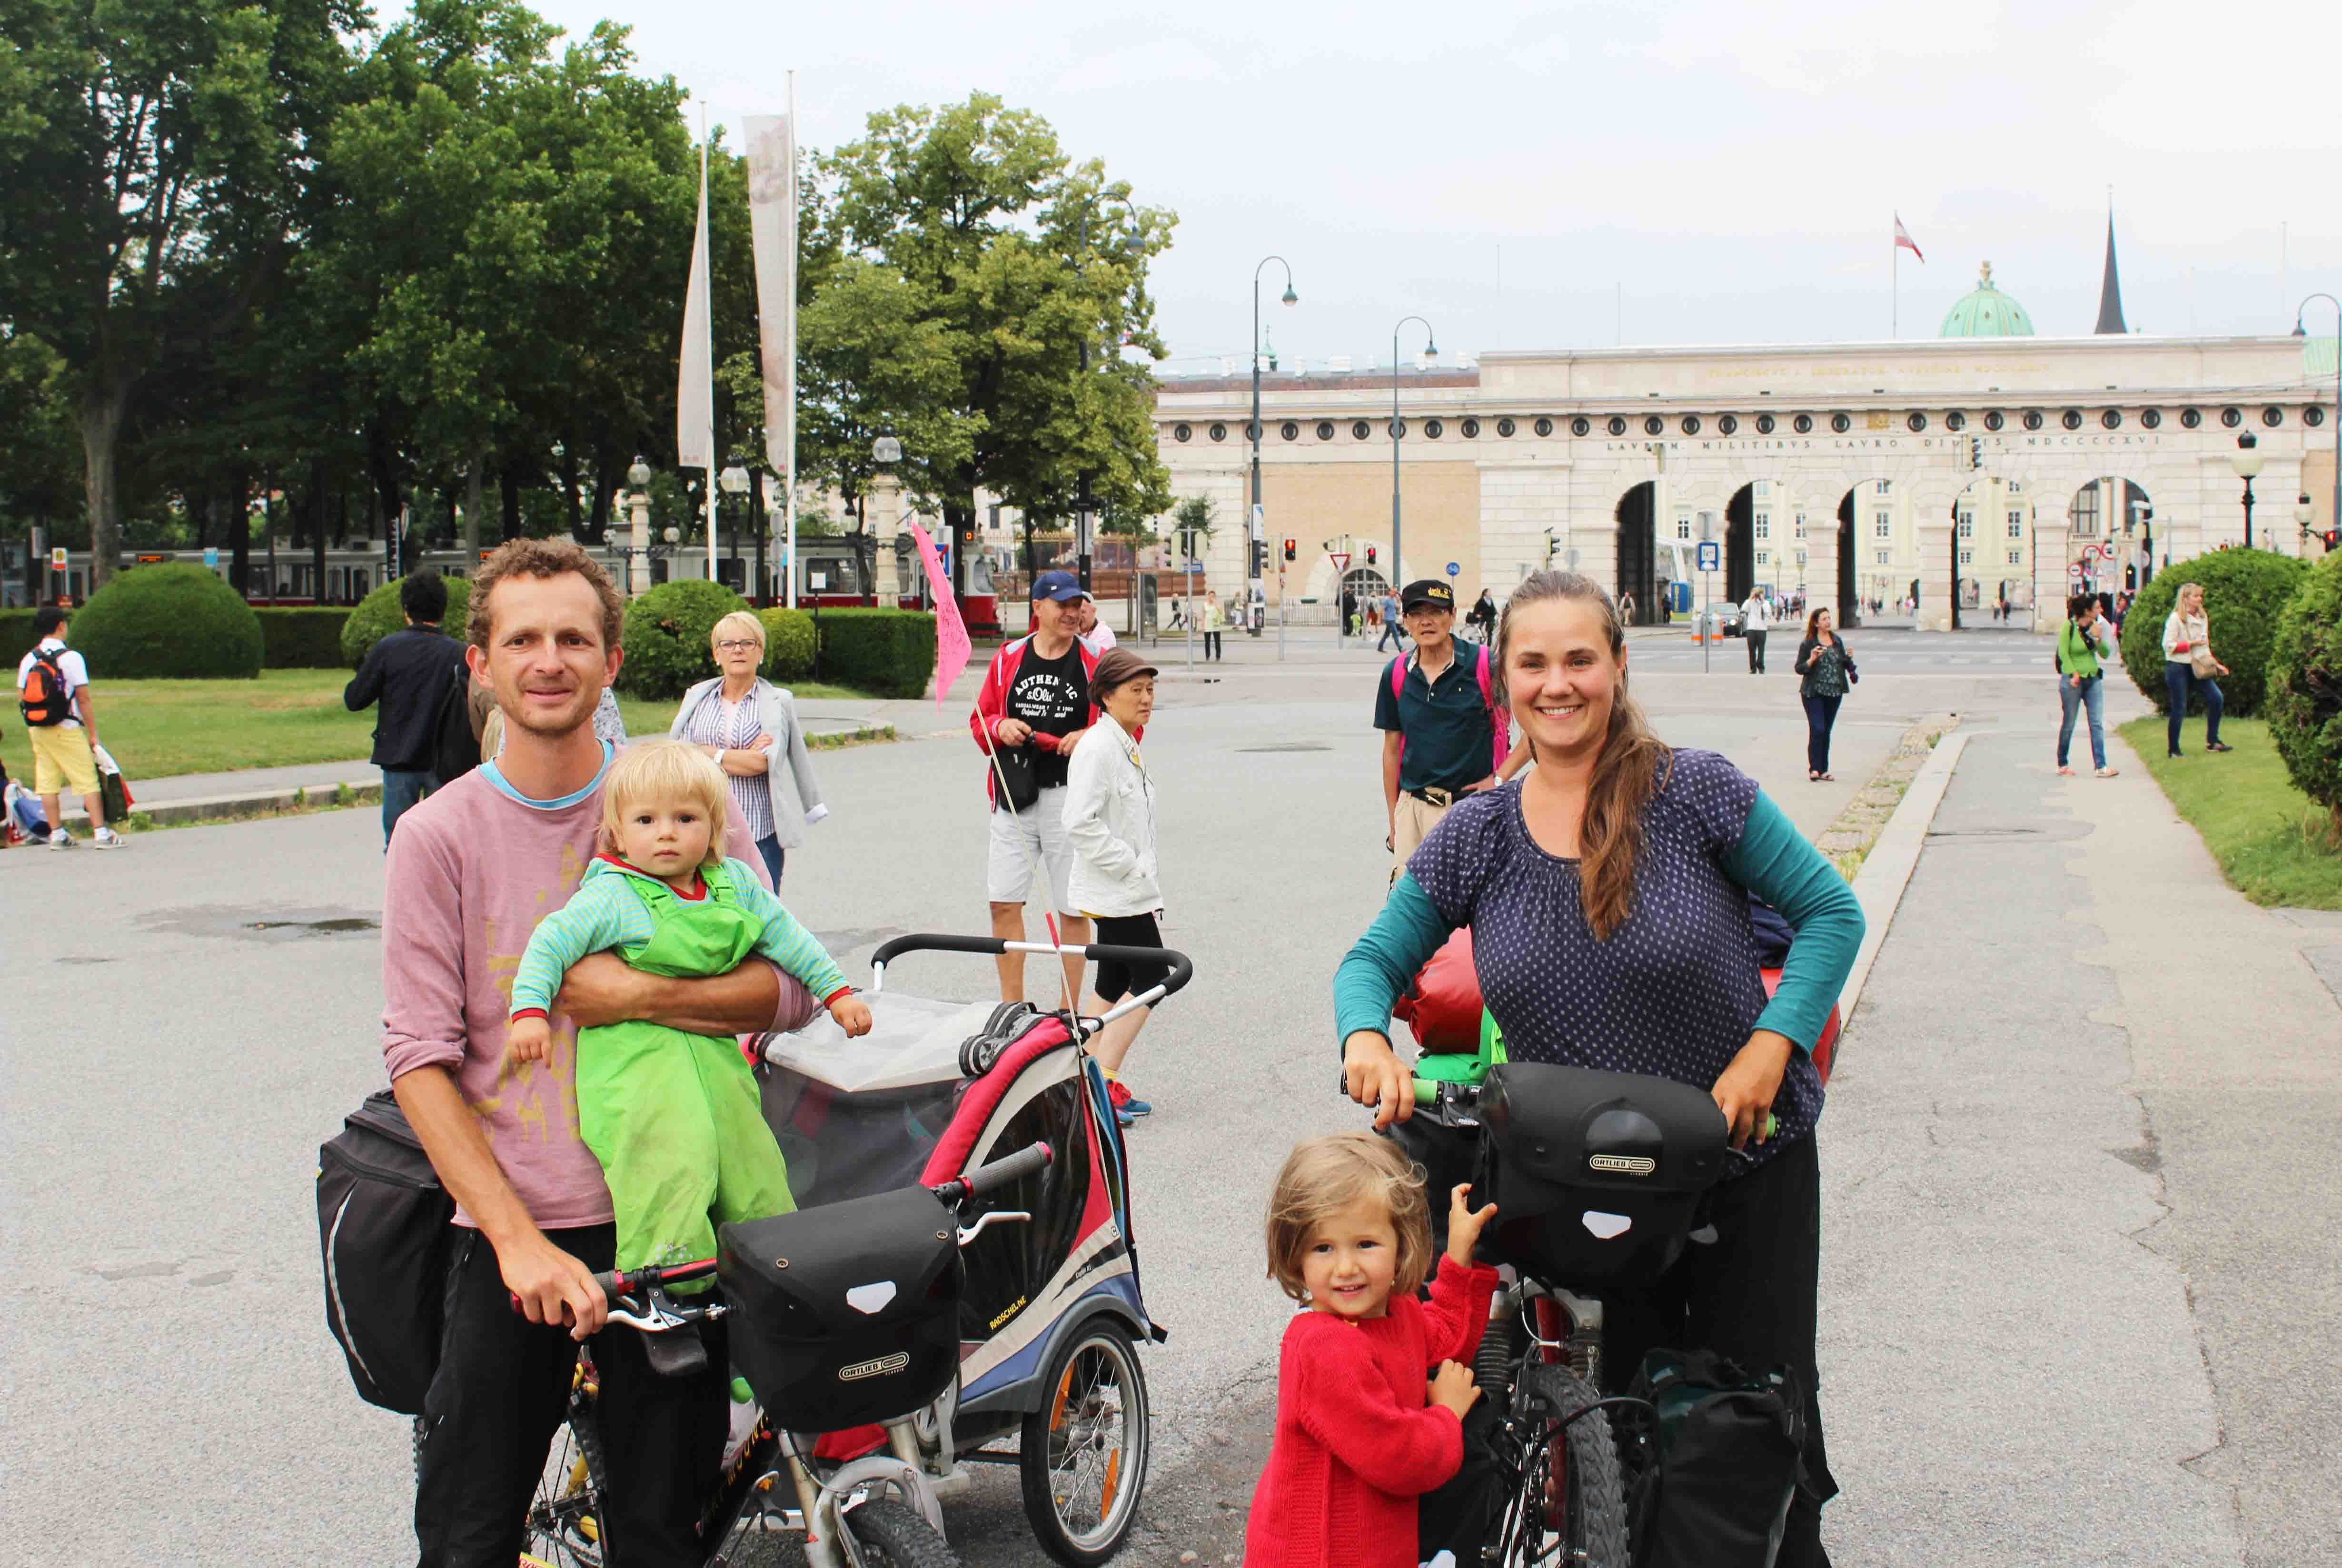 Familienreise Radreise Kinder radreise mit kinder fahrrad und zelt. Wir auch! Begleite uns und unsere 3 Kinder auf unseren Reisen mit Fahrrad und Zelt. 8 Monate Süd-Ost Europa